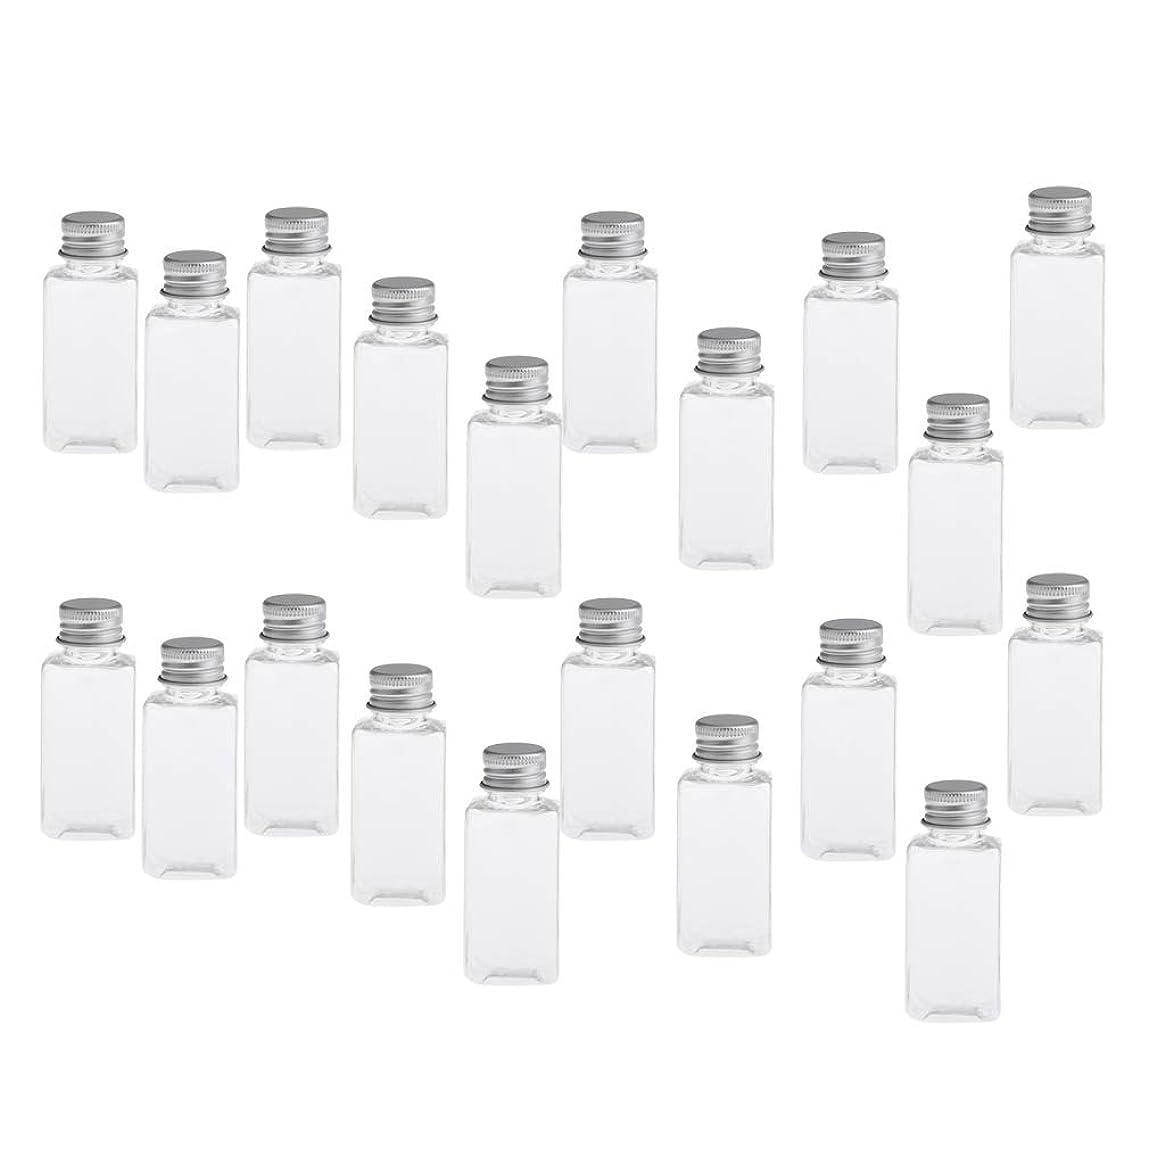 残酷な悲観的マトンDYNWAVE 約20個 化粧ボトル 香水ボトル 詰め替え 空のボトル 小分け ネジ蓋付 漏れ防止 30ML 全8色 - クリアシルバー